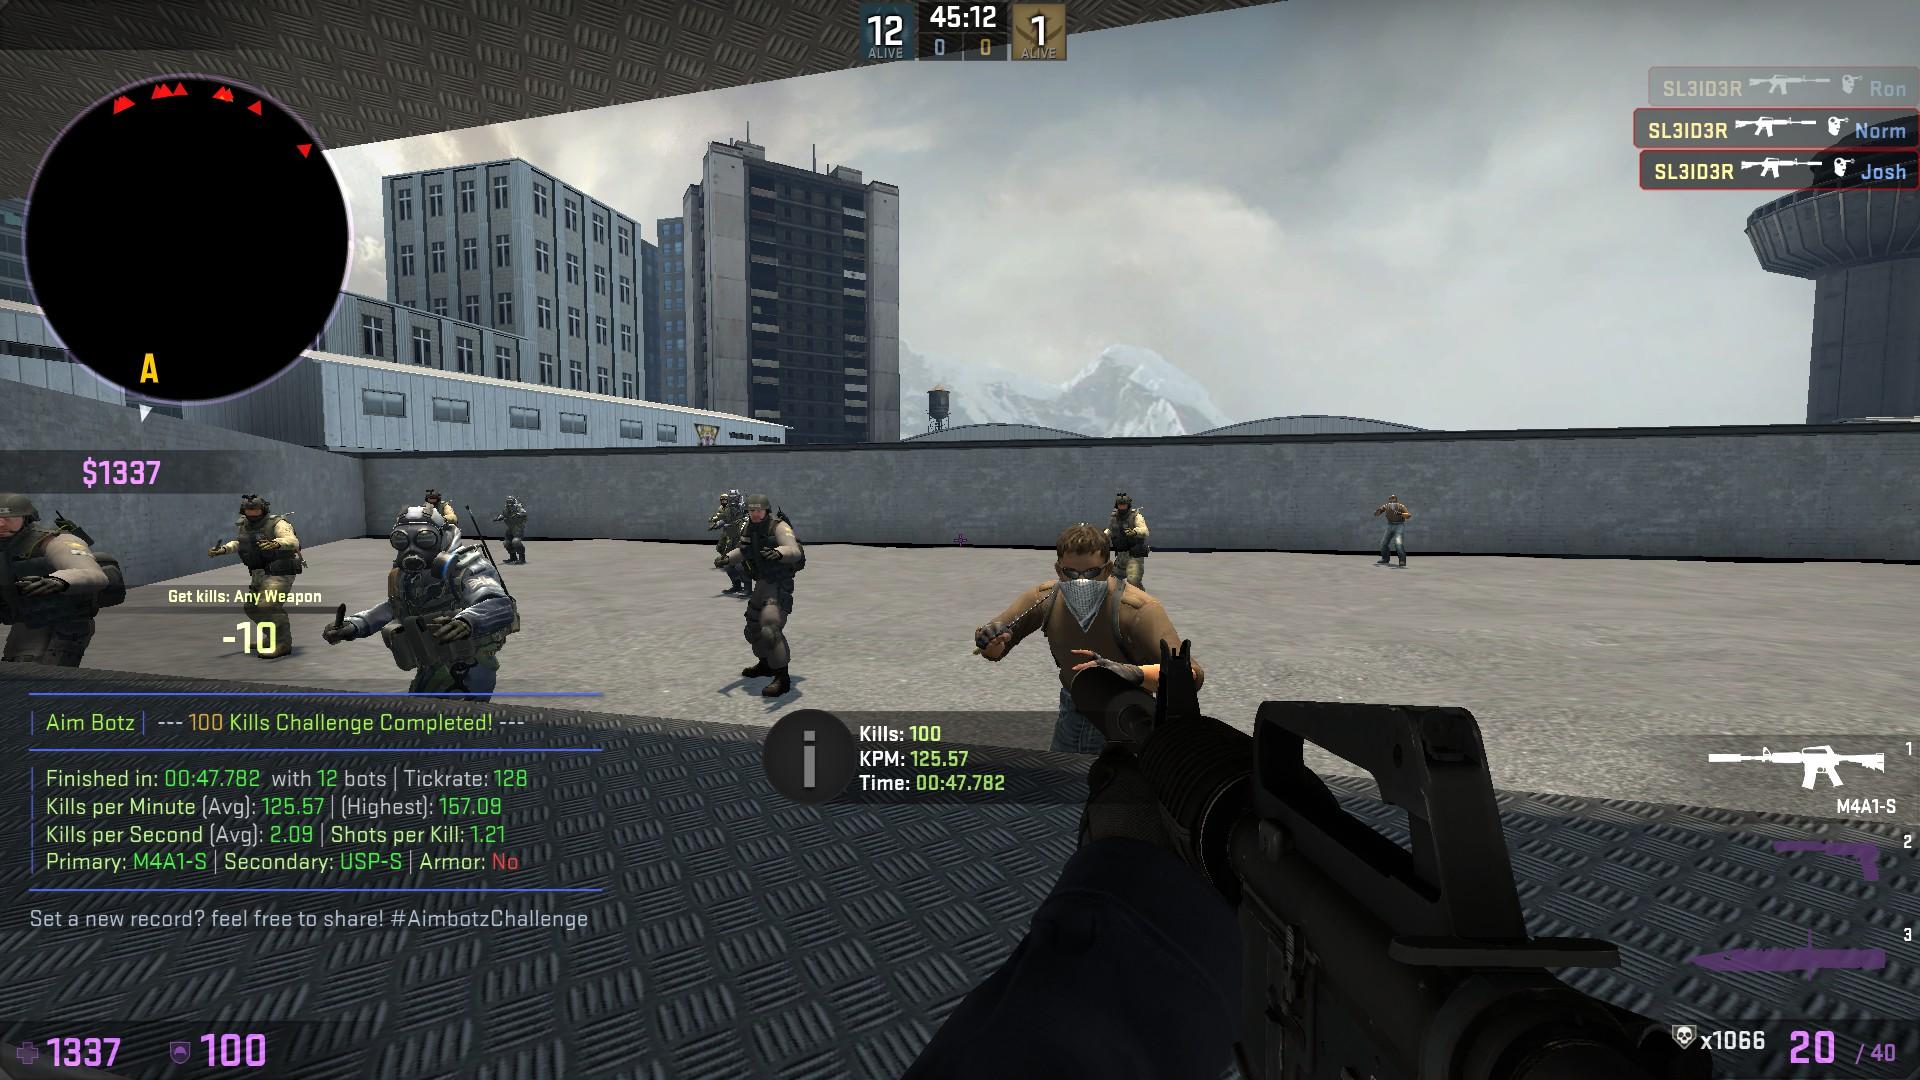 TenZ 50 2 second aim_botz : GlobalOffensive